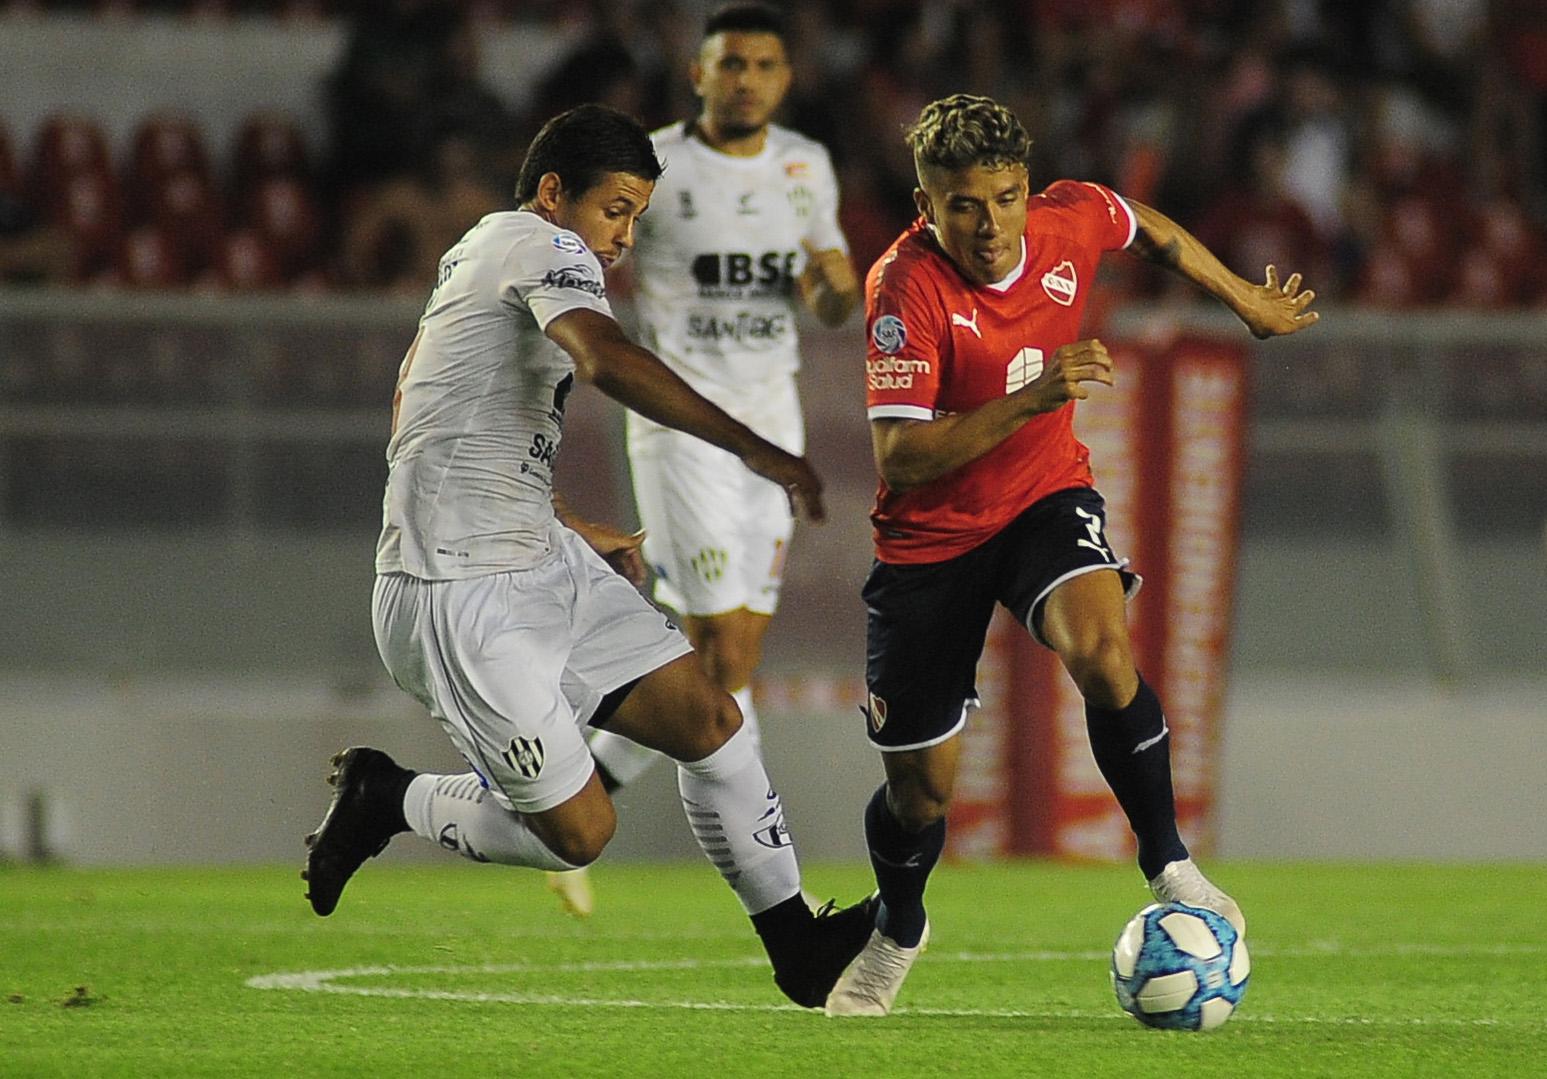 Independiente recuperó la sonrisa: goleó 3-0 a Central Córdoba de Santiago  del Estero - Infobae